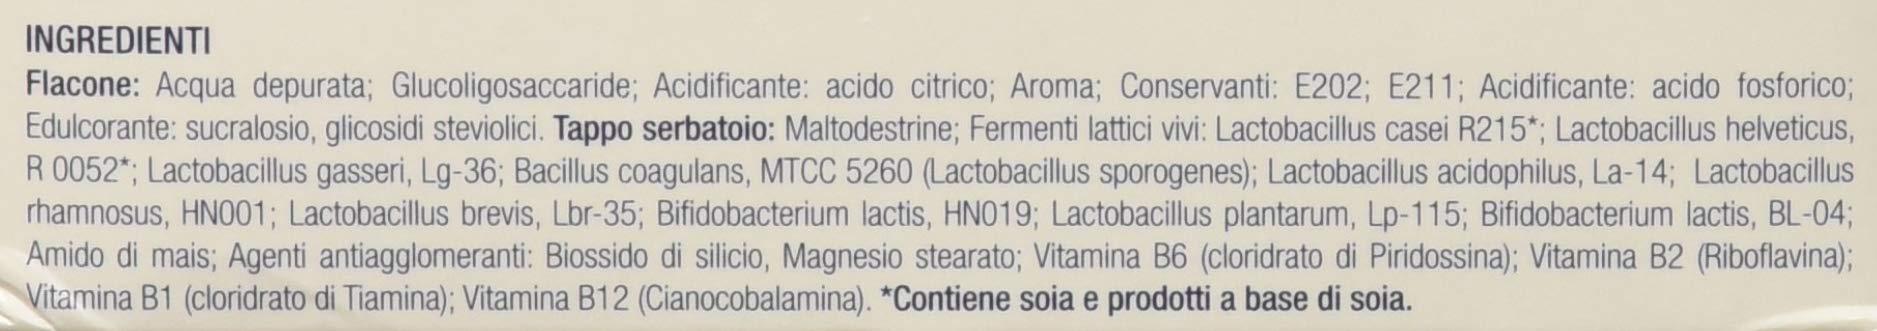 Prolife 10 Forte Integratore con Probiotici Senza Zucchero - 10 flaconcini da 8 ml 3 spesavip